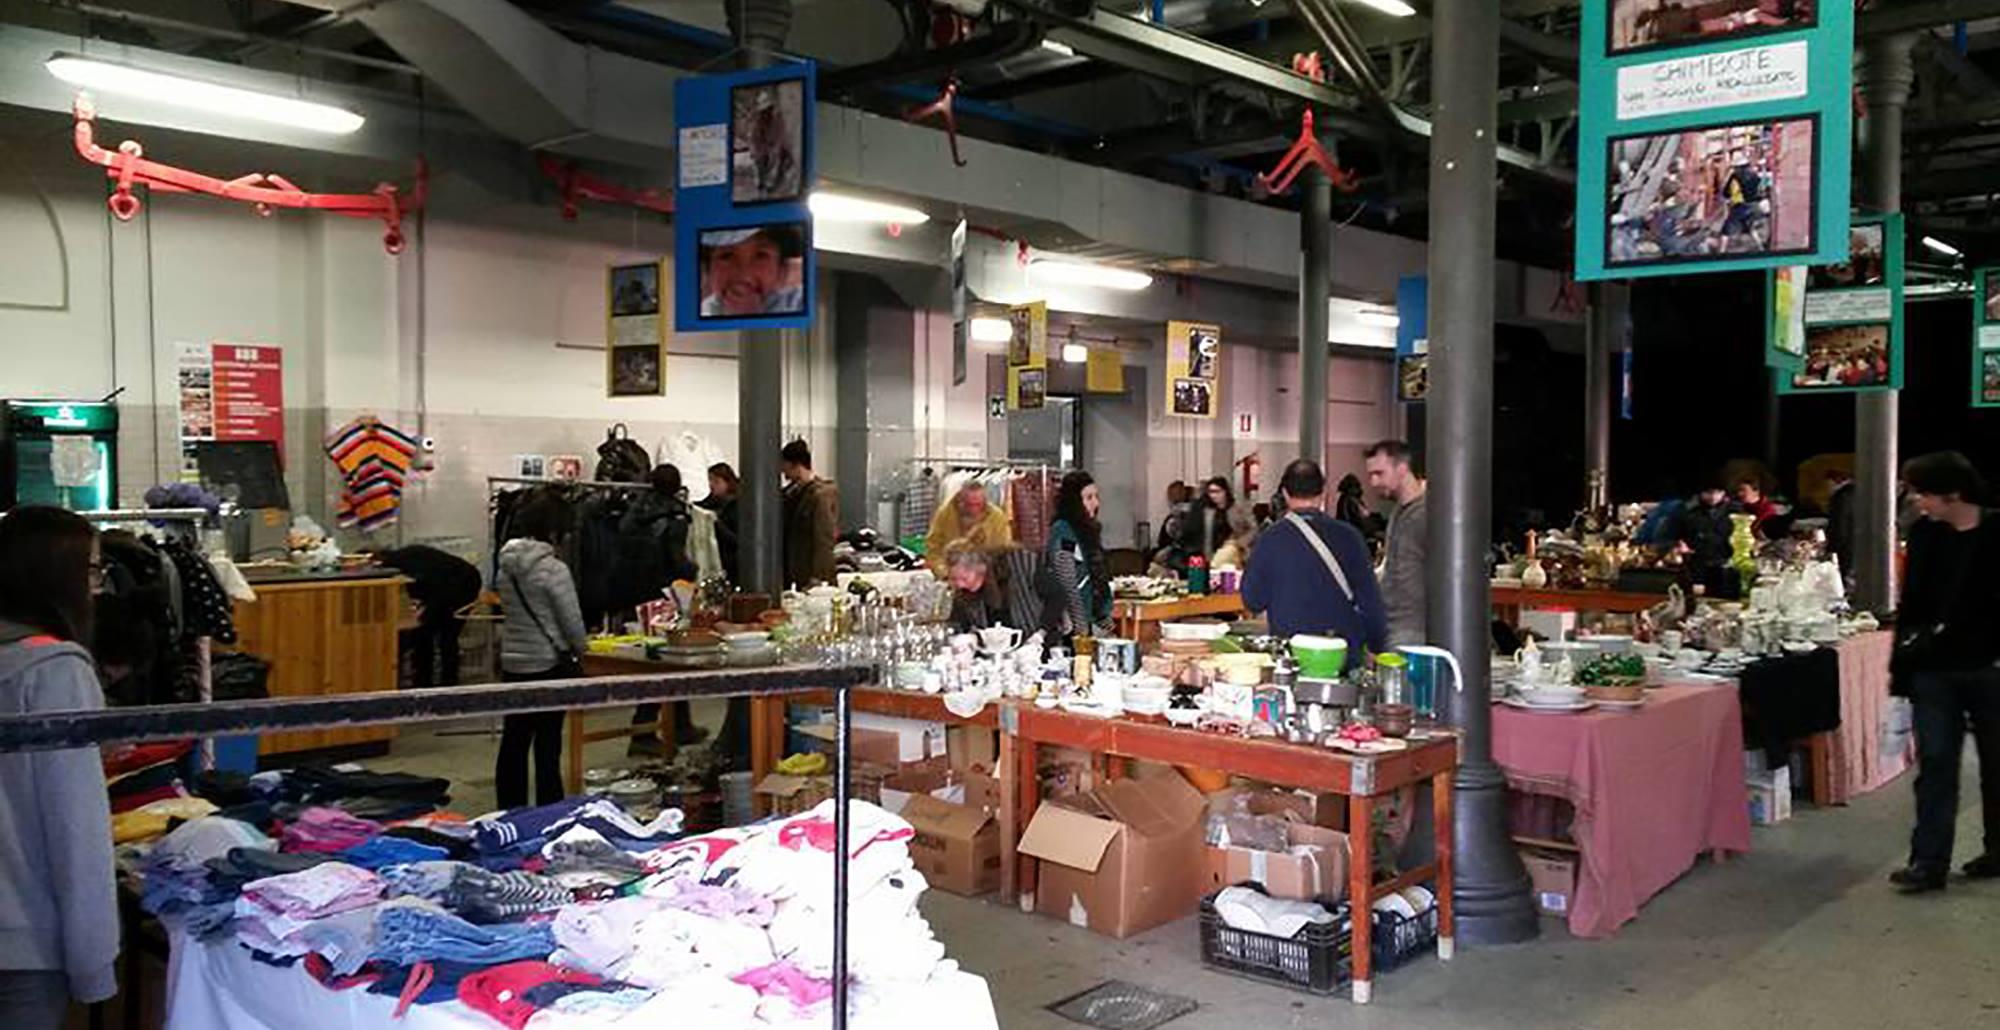 Foto a colori del mercatino all'interno di Officina